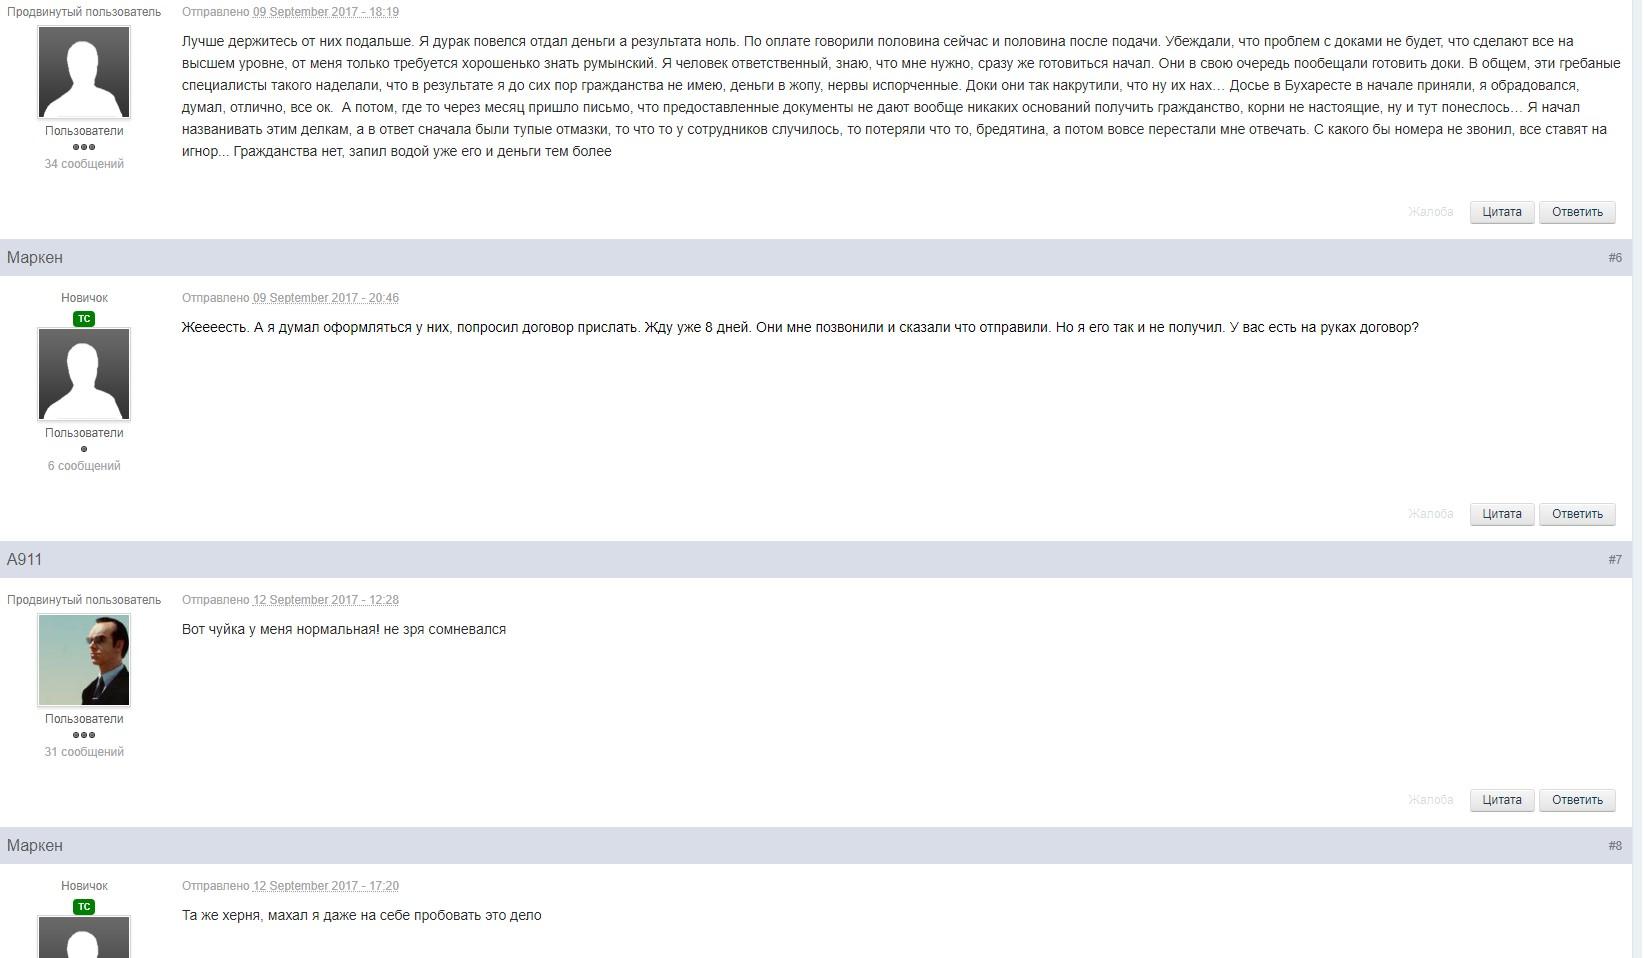 Отзывы о euforyou.biz на forum-eu.com